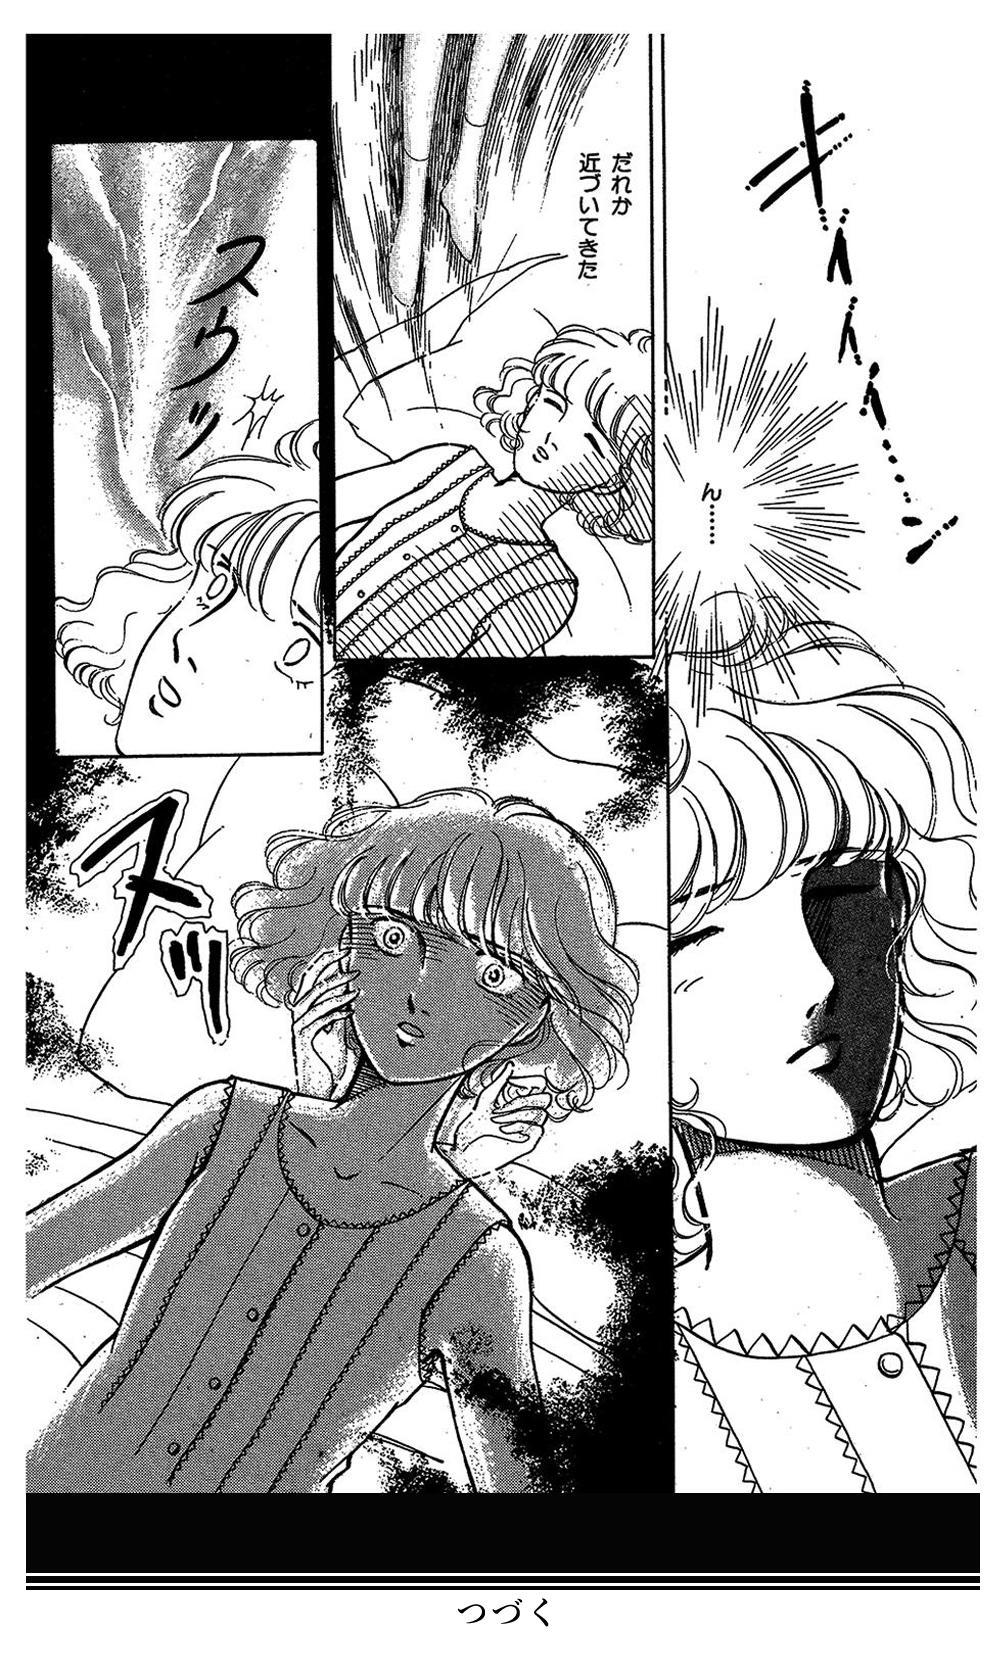 魔百合の恐怖報告 第1話「部屋の隅の白い影」①mayuri-more.jpg